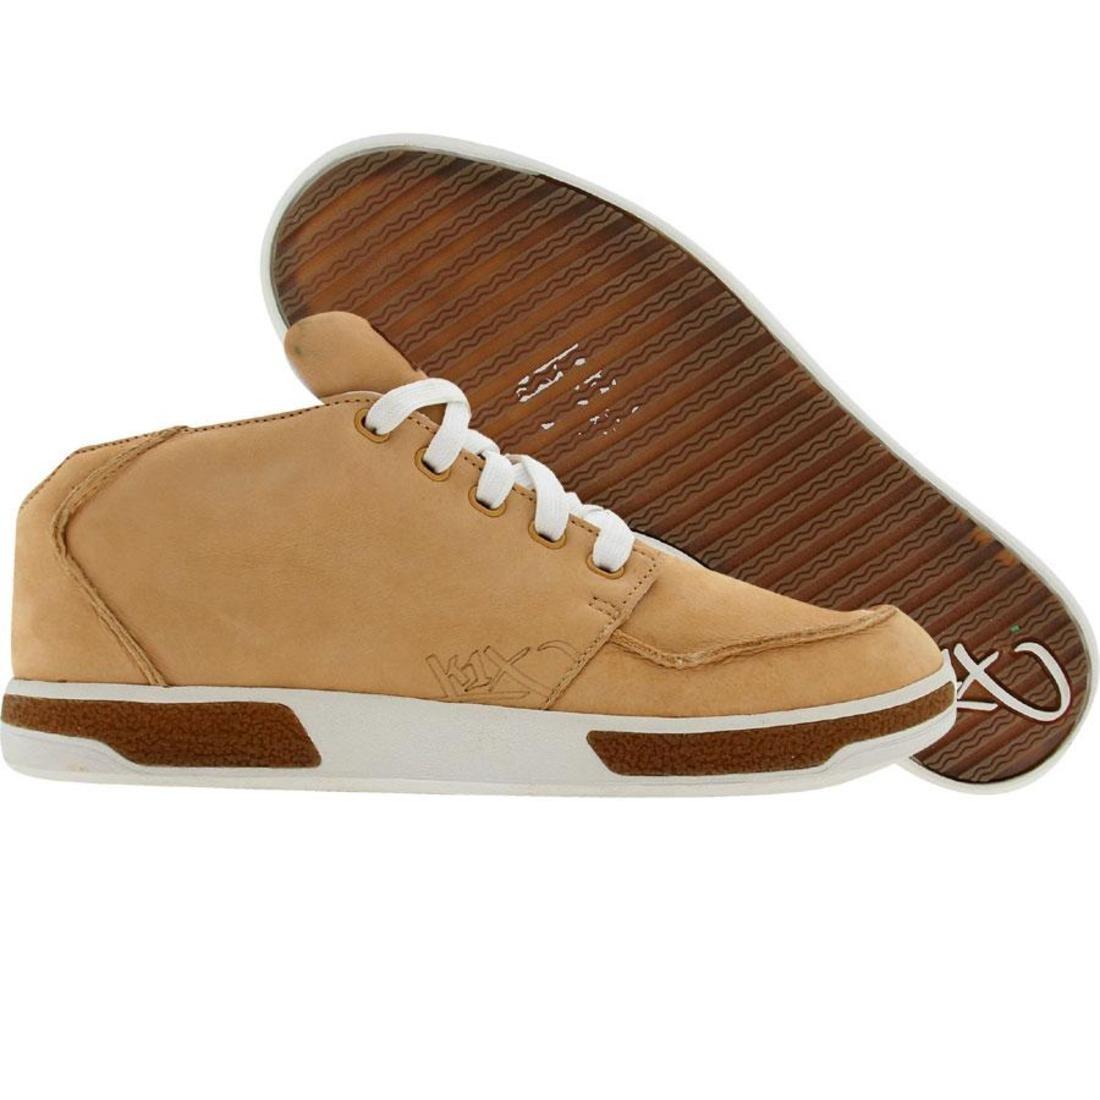 【海外限定】レザー メンズ靴 靴 【 K1X MEET THE PARENTS LEATHER SAND WHITE 】